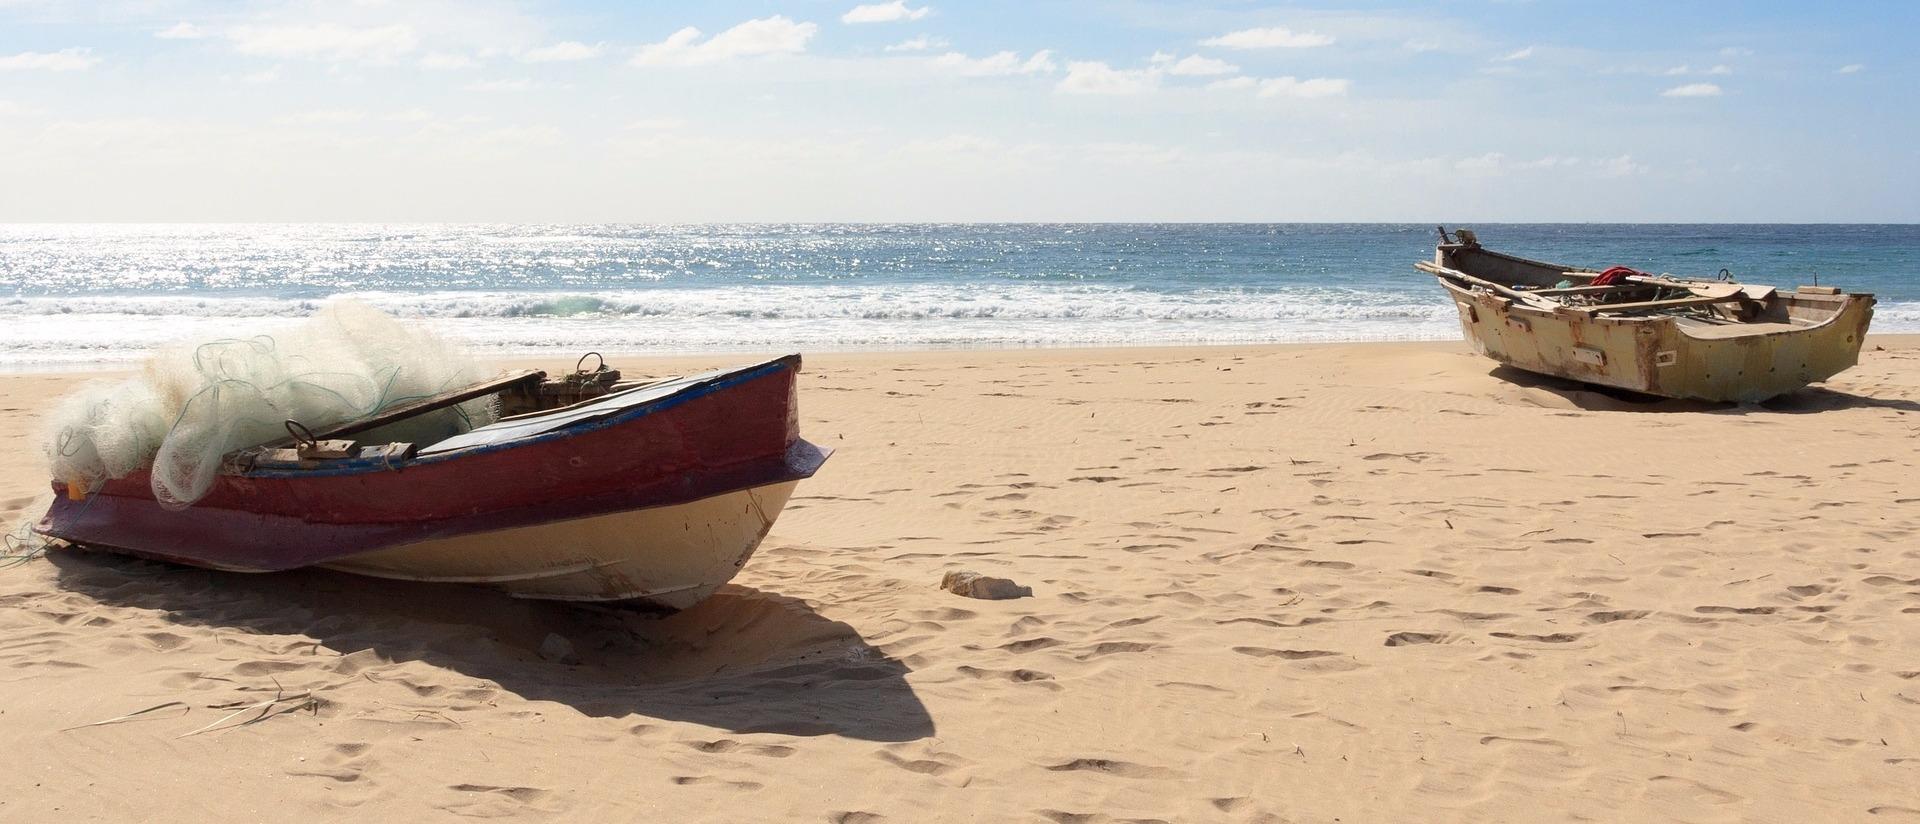 59d-Mozambique-231